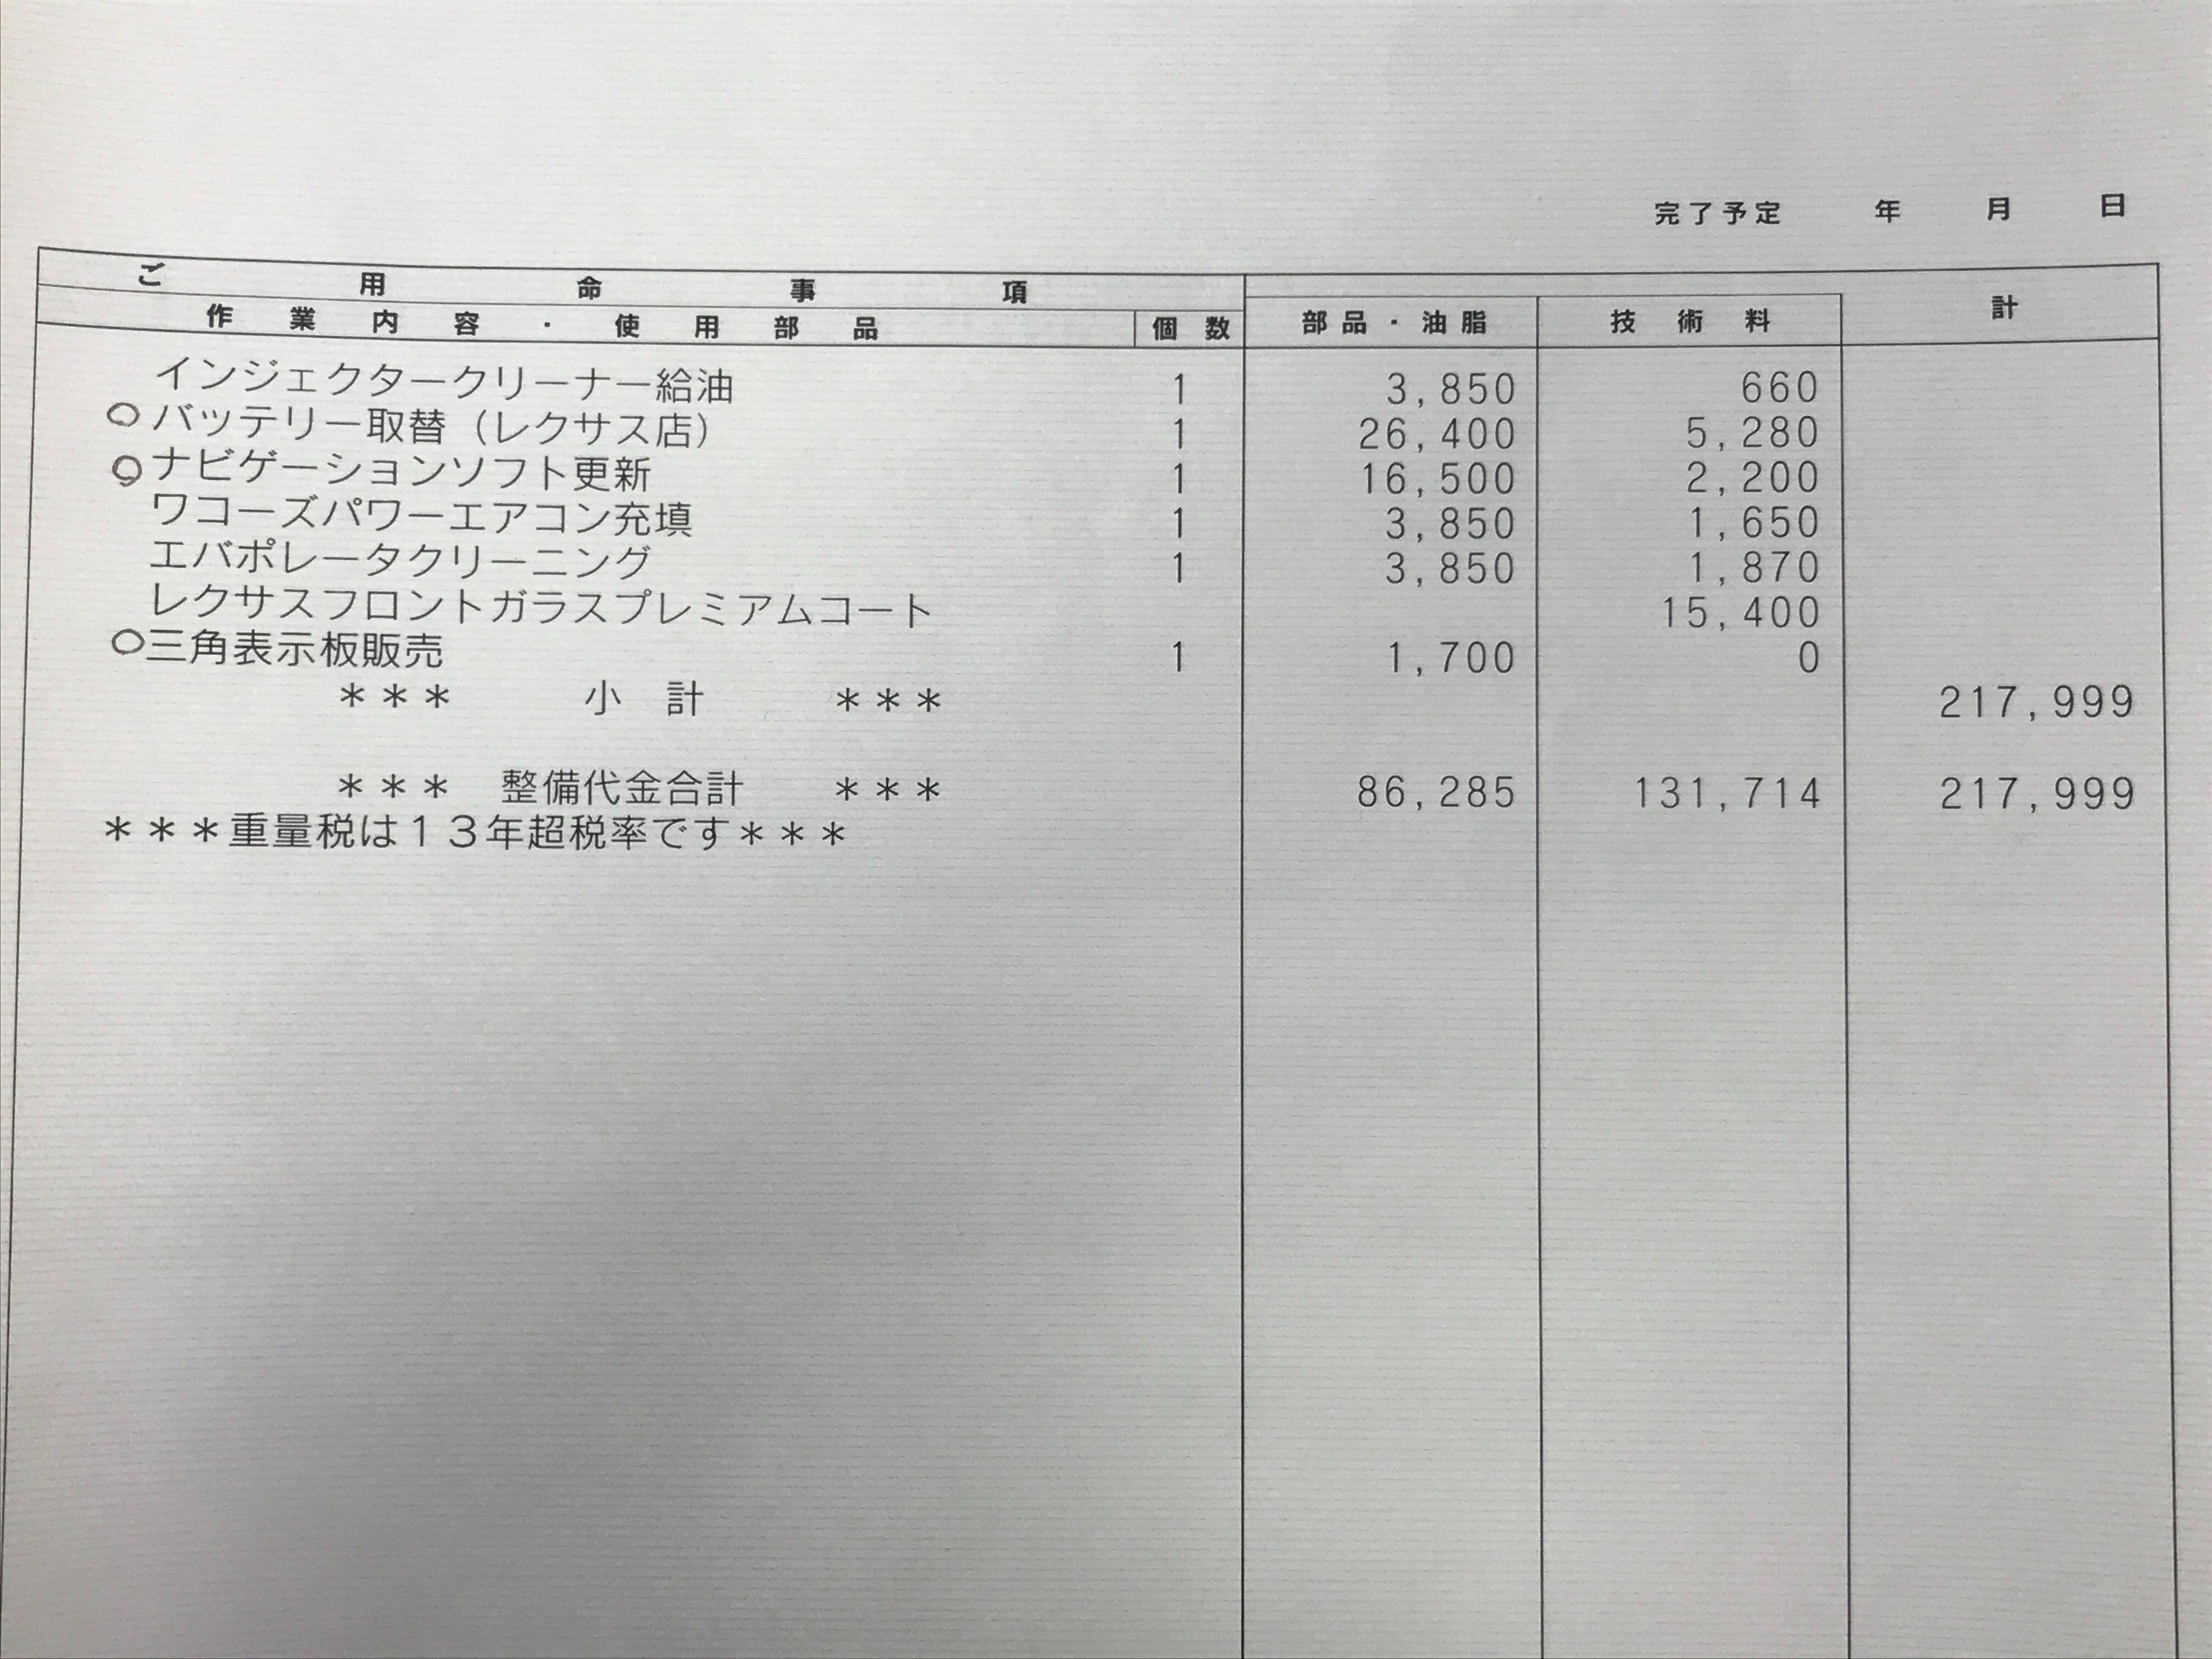 f:id:SeisoSakuya:20210107214409j:image